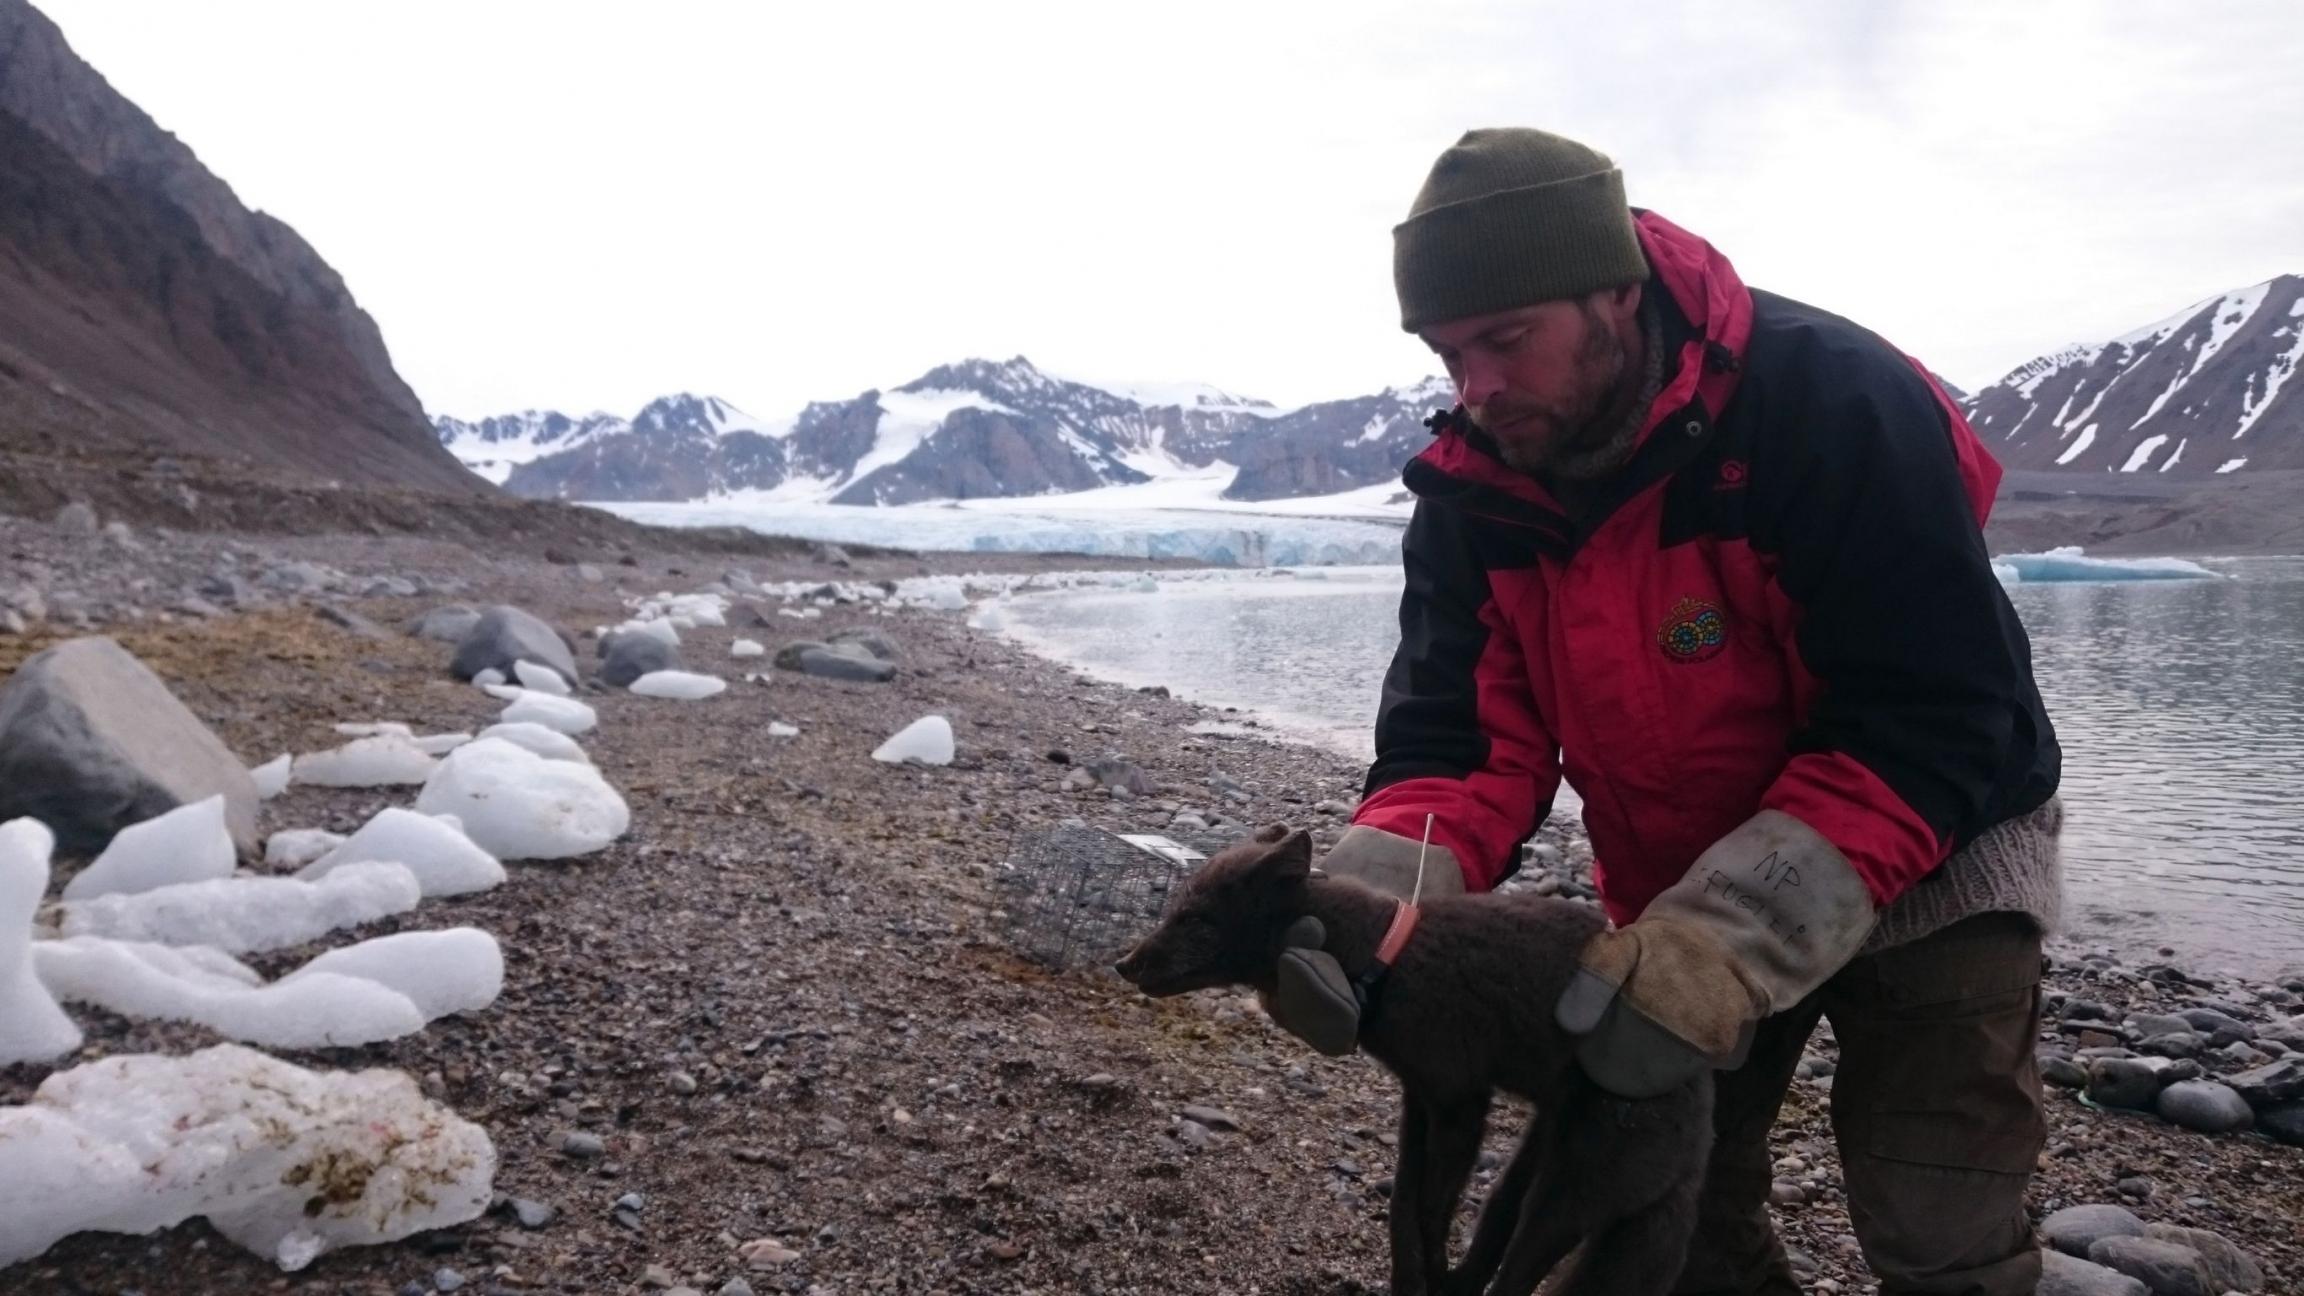 Η αρκτική αλεπού στον τελικό της προορισμό